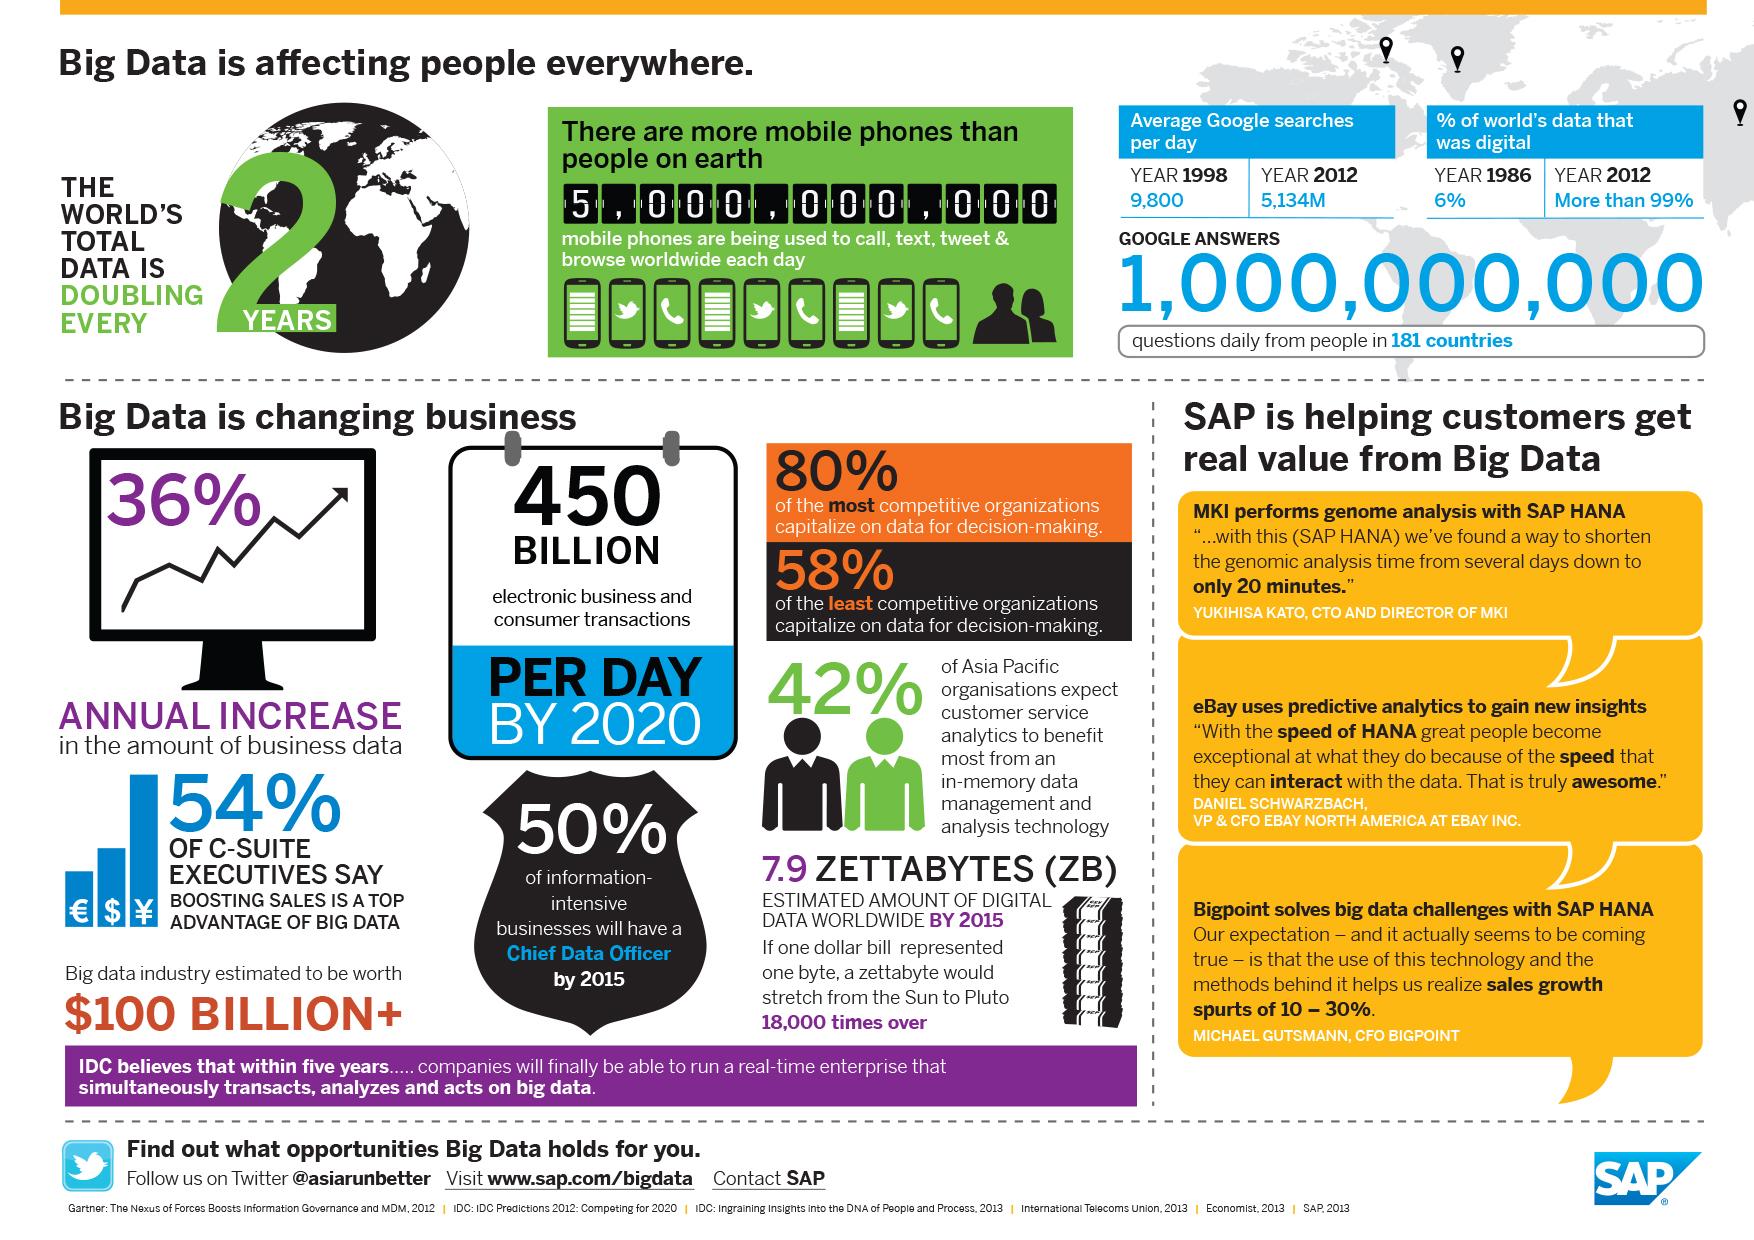 2009 BIG DATA infographic A4 v6